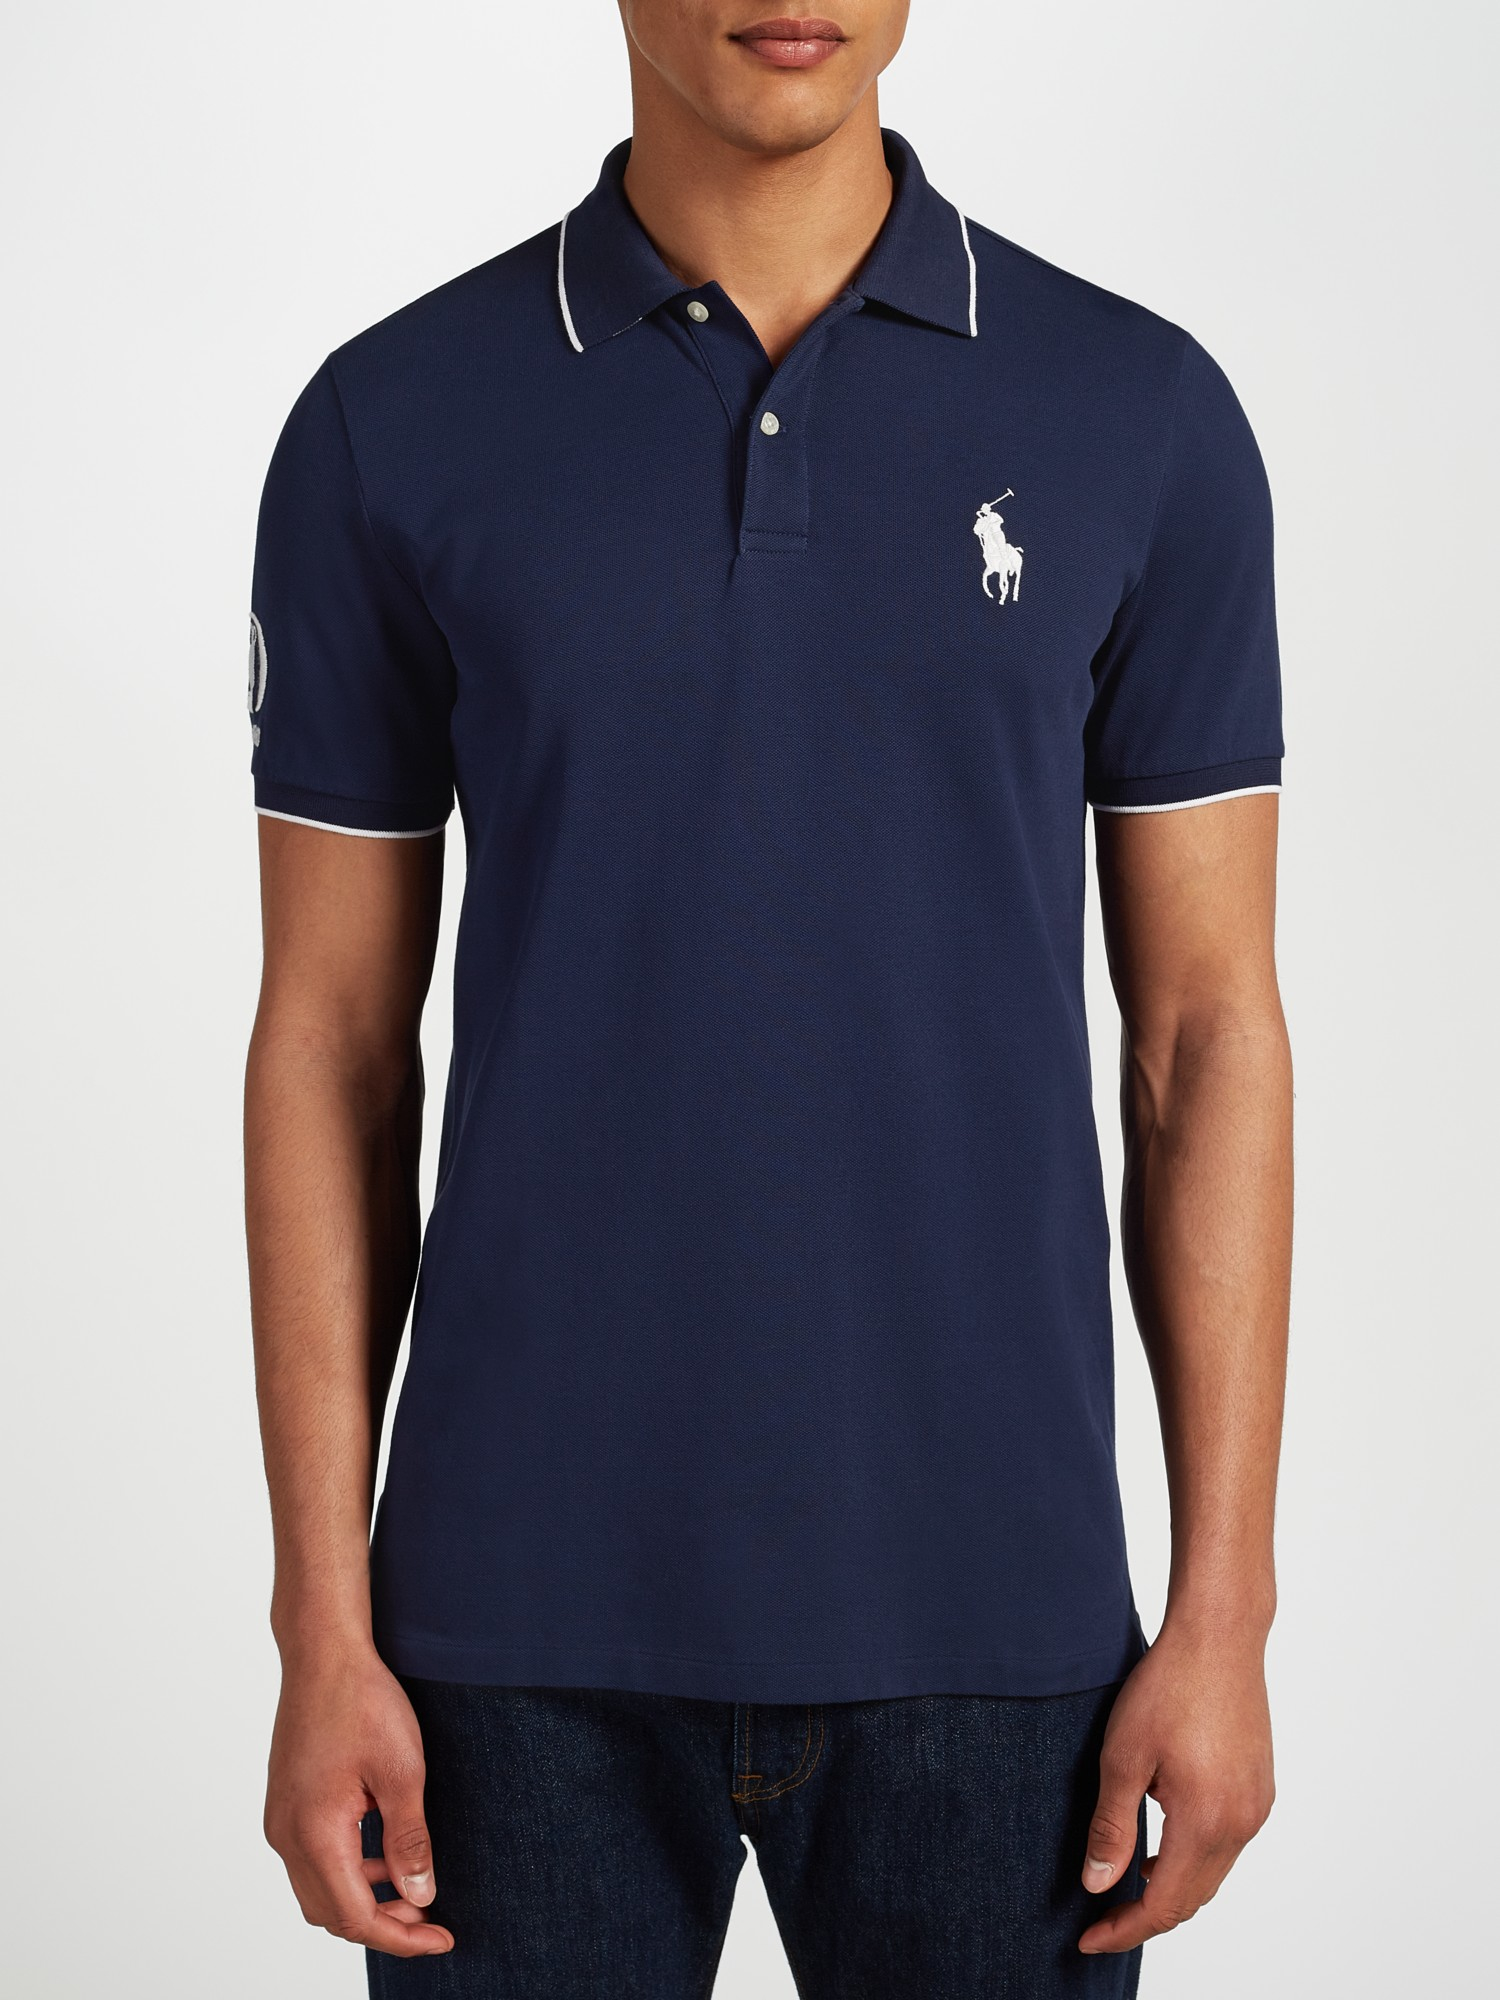 Polo Ralph Lauren Linen Sport Shirt in Blue for Men - Lyst